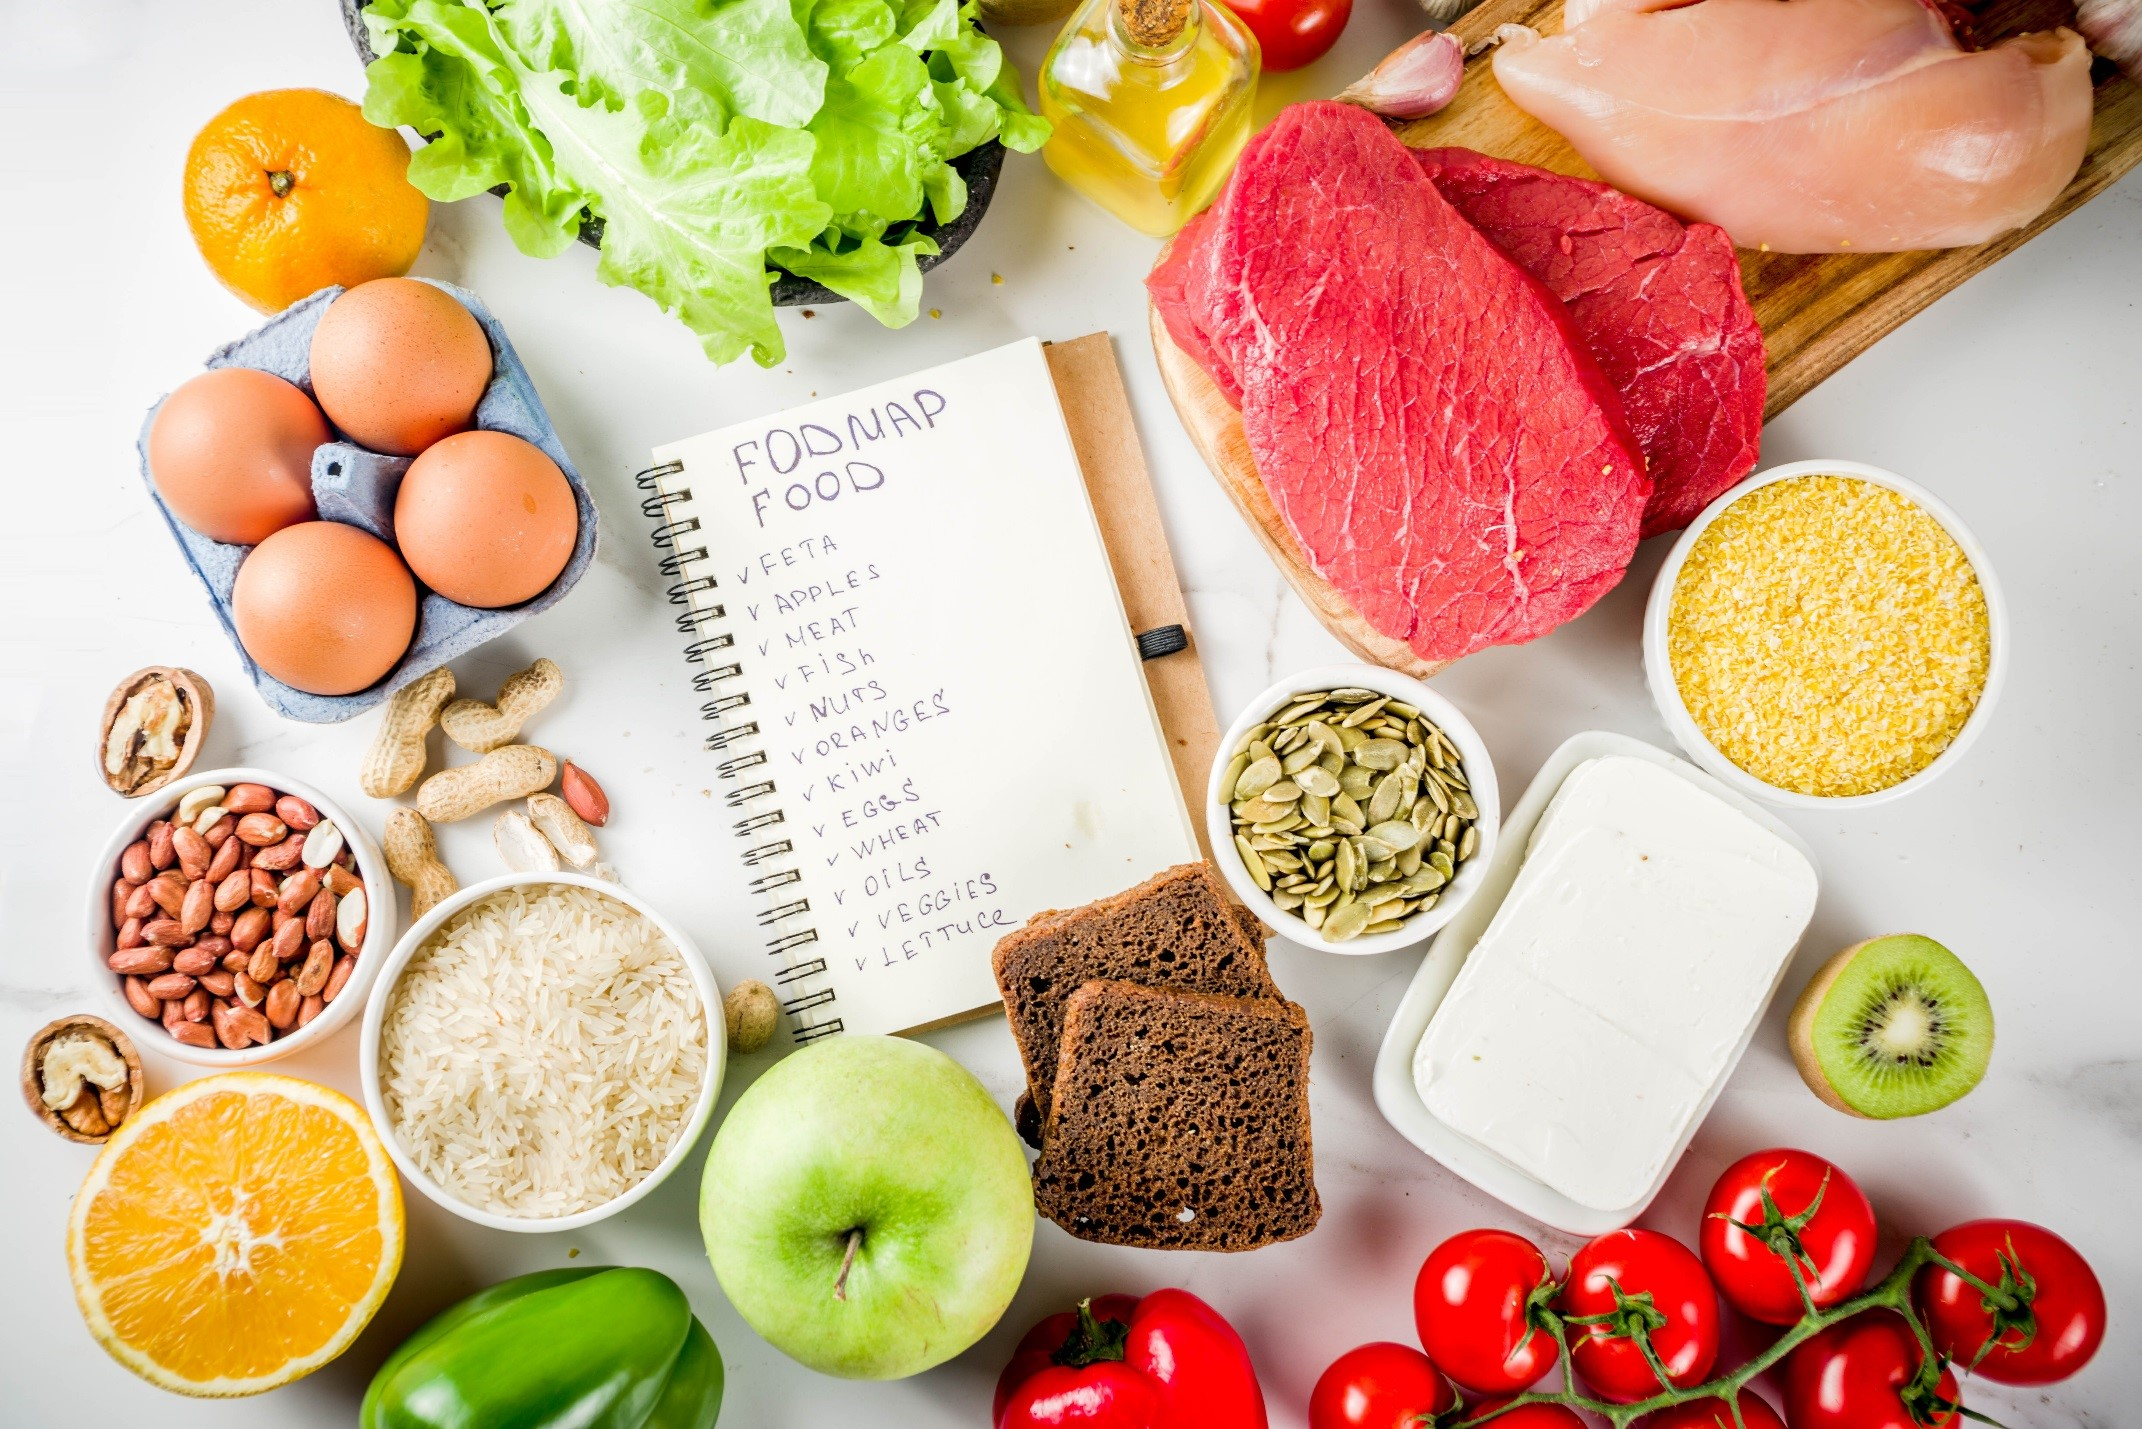 fodmap diet no meat